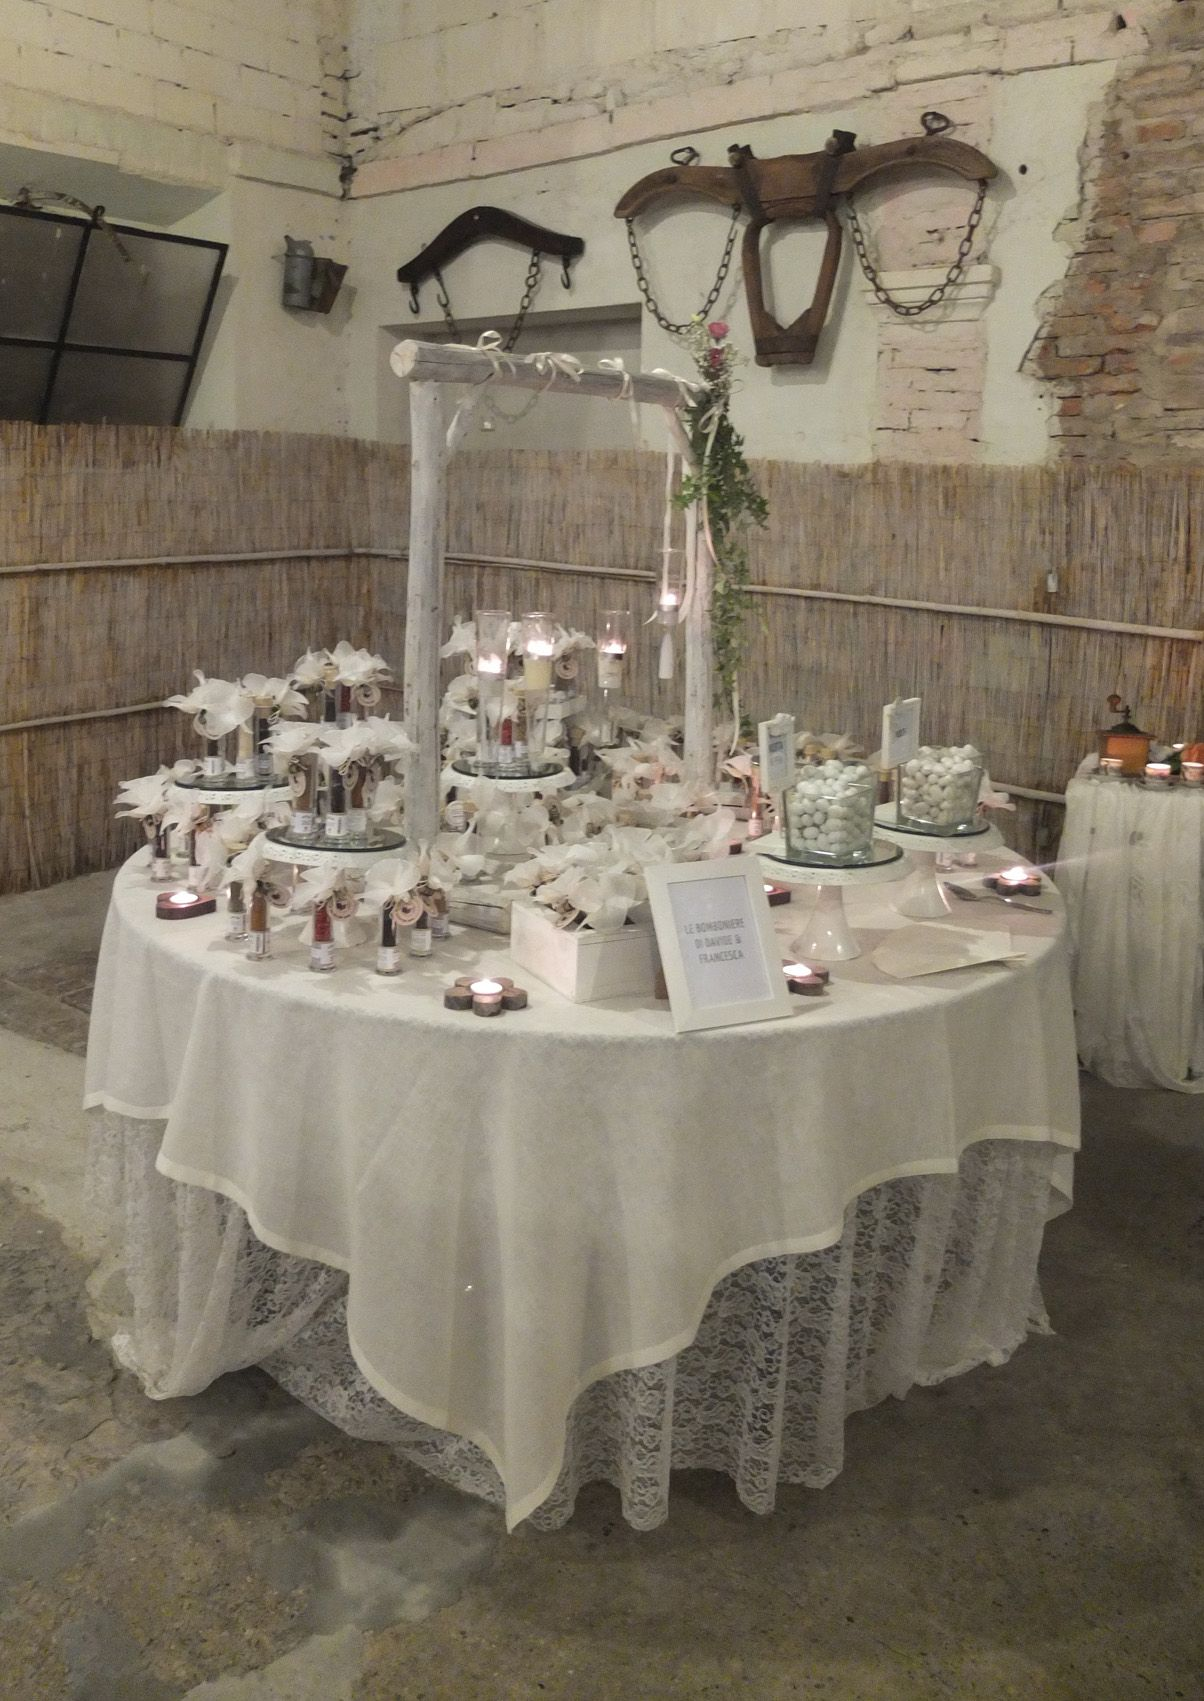 Confettata di Eventi Wedding, interno barchessa presso Corte Dei Paduli - Wedding Location -, Reggio Emilia, Italy.